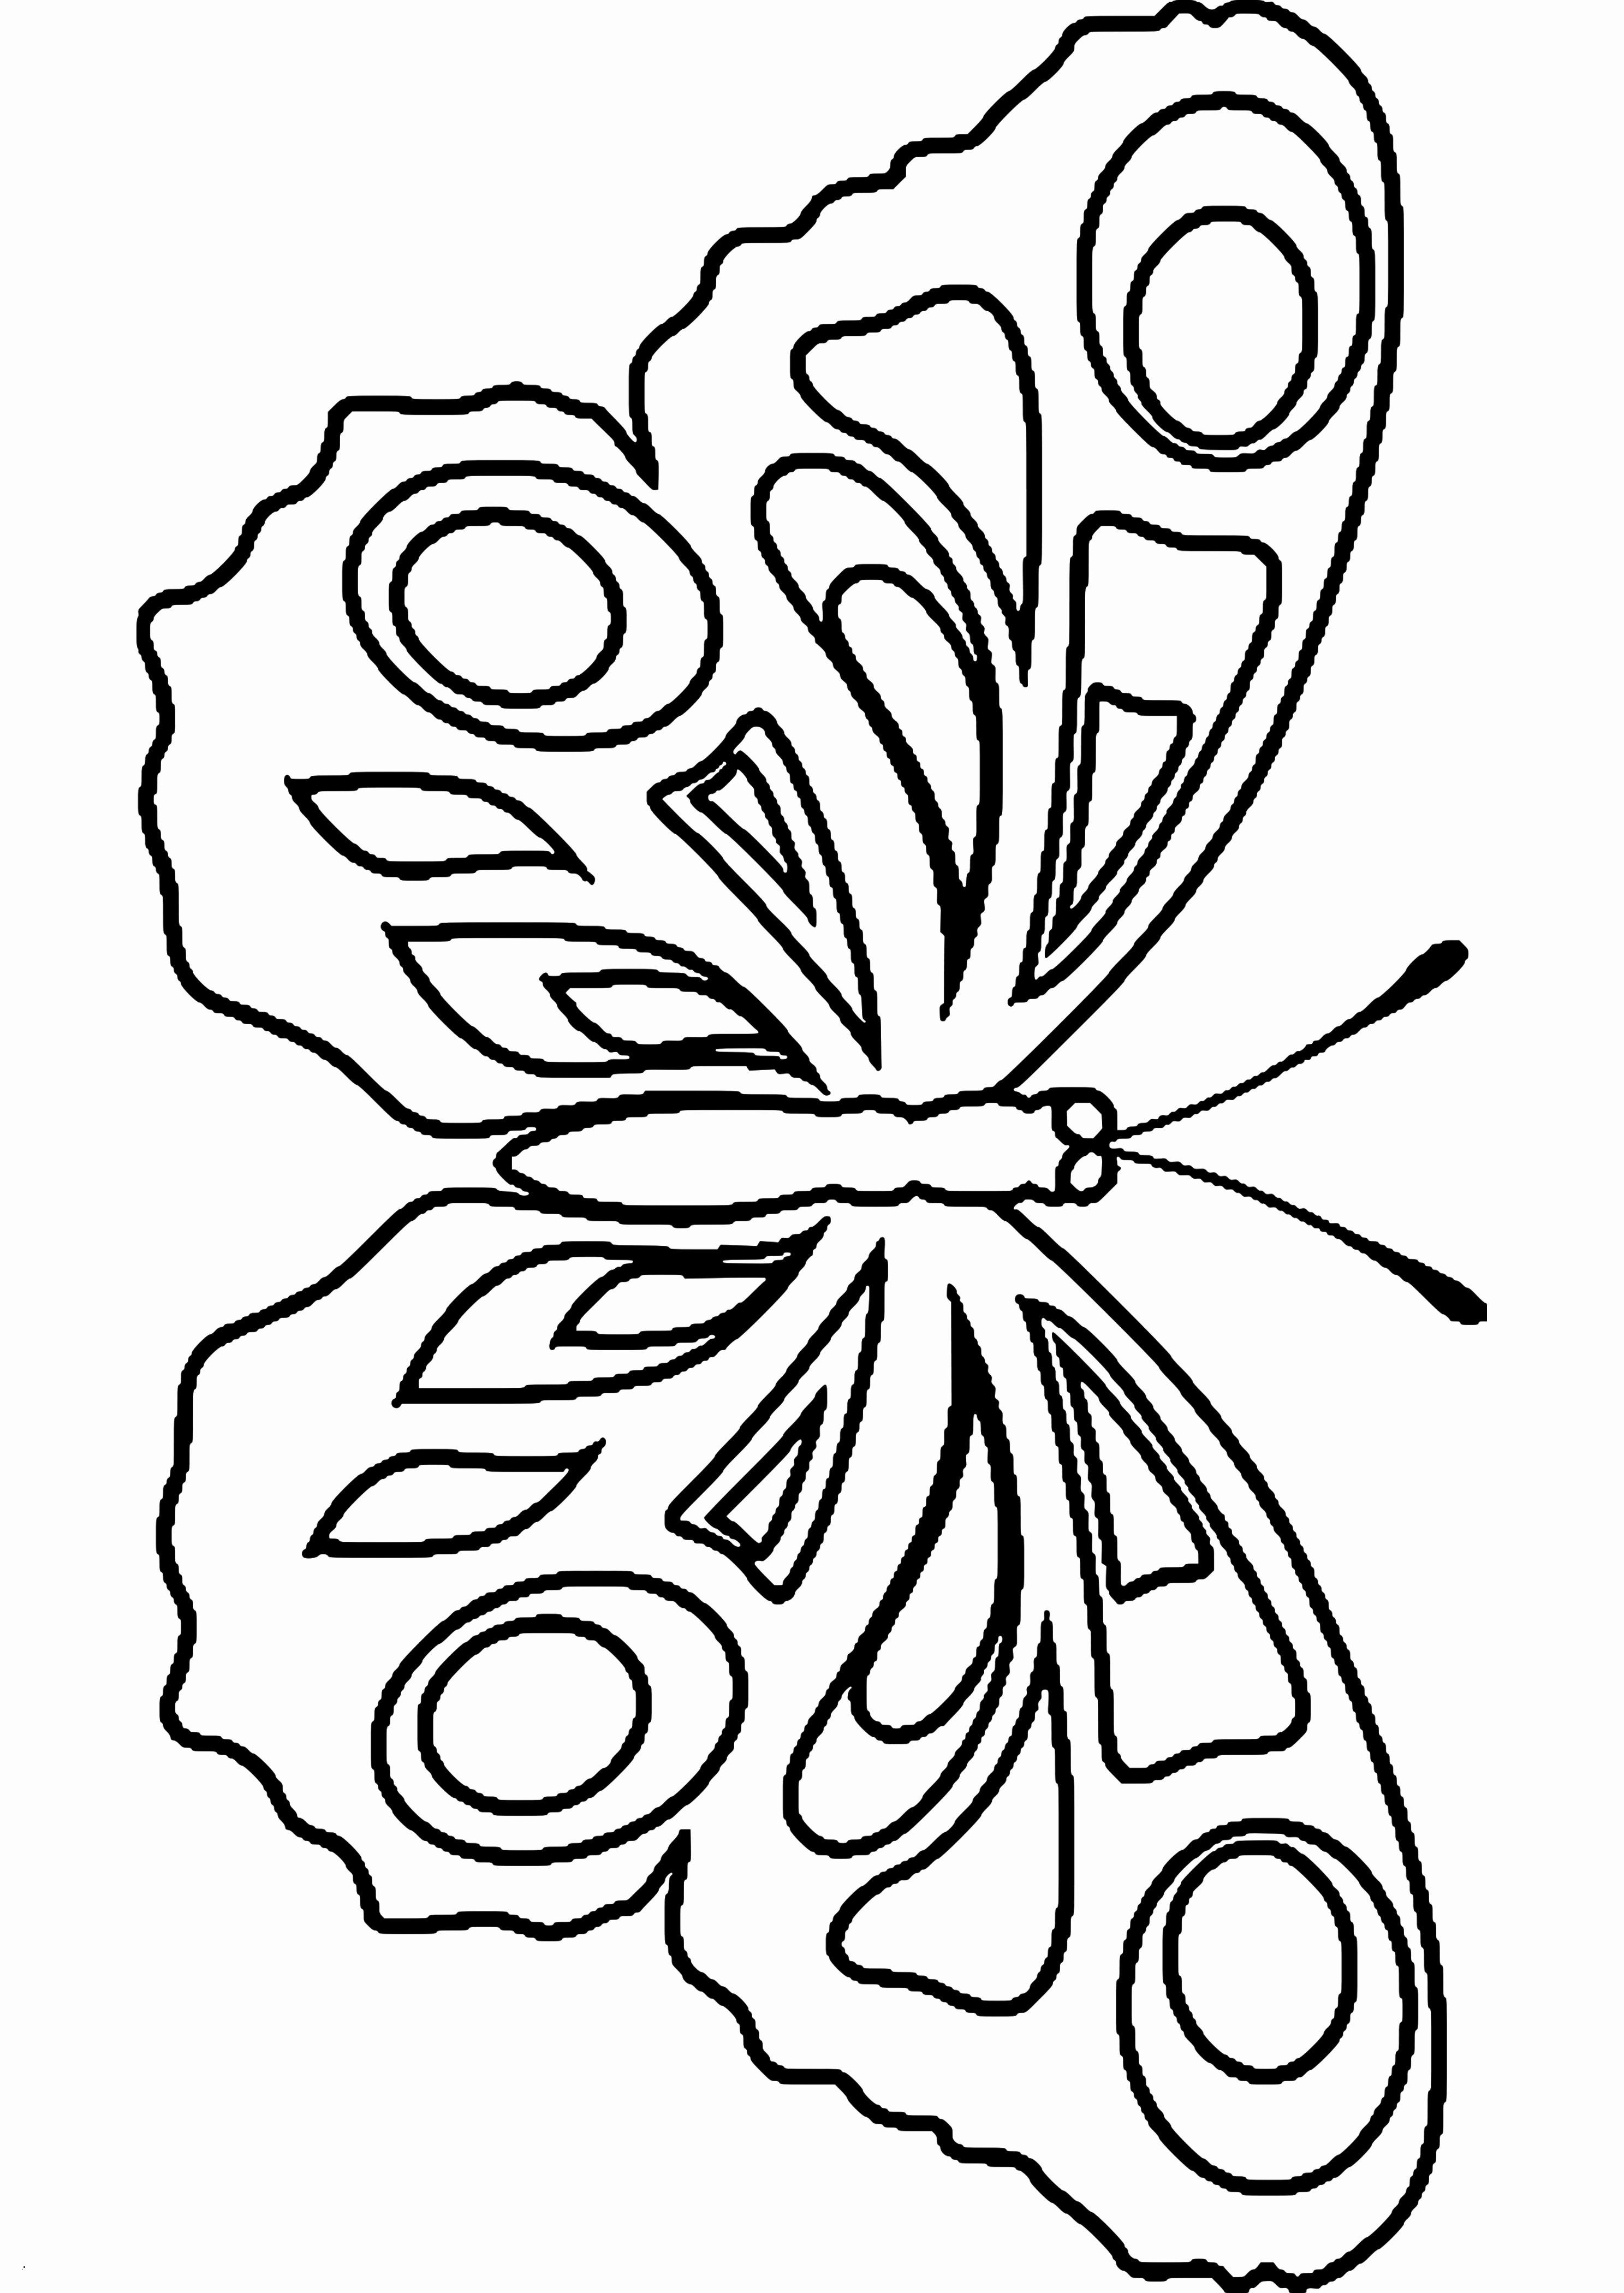 Schmetterling Bilder Zum Ausmalen Einzigartig 40 Das Konzept Von Ausmalbilder Schmetterling Zum Ausdrucken Sammlung